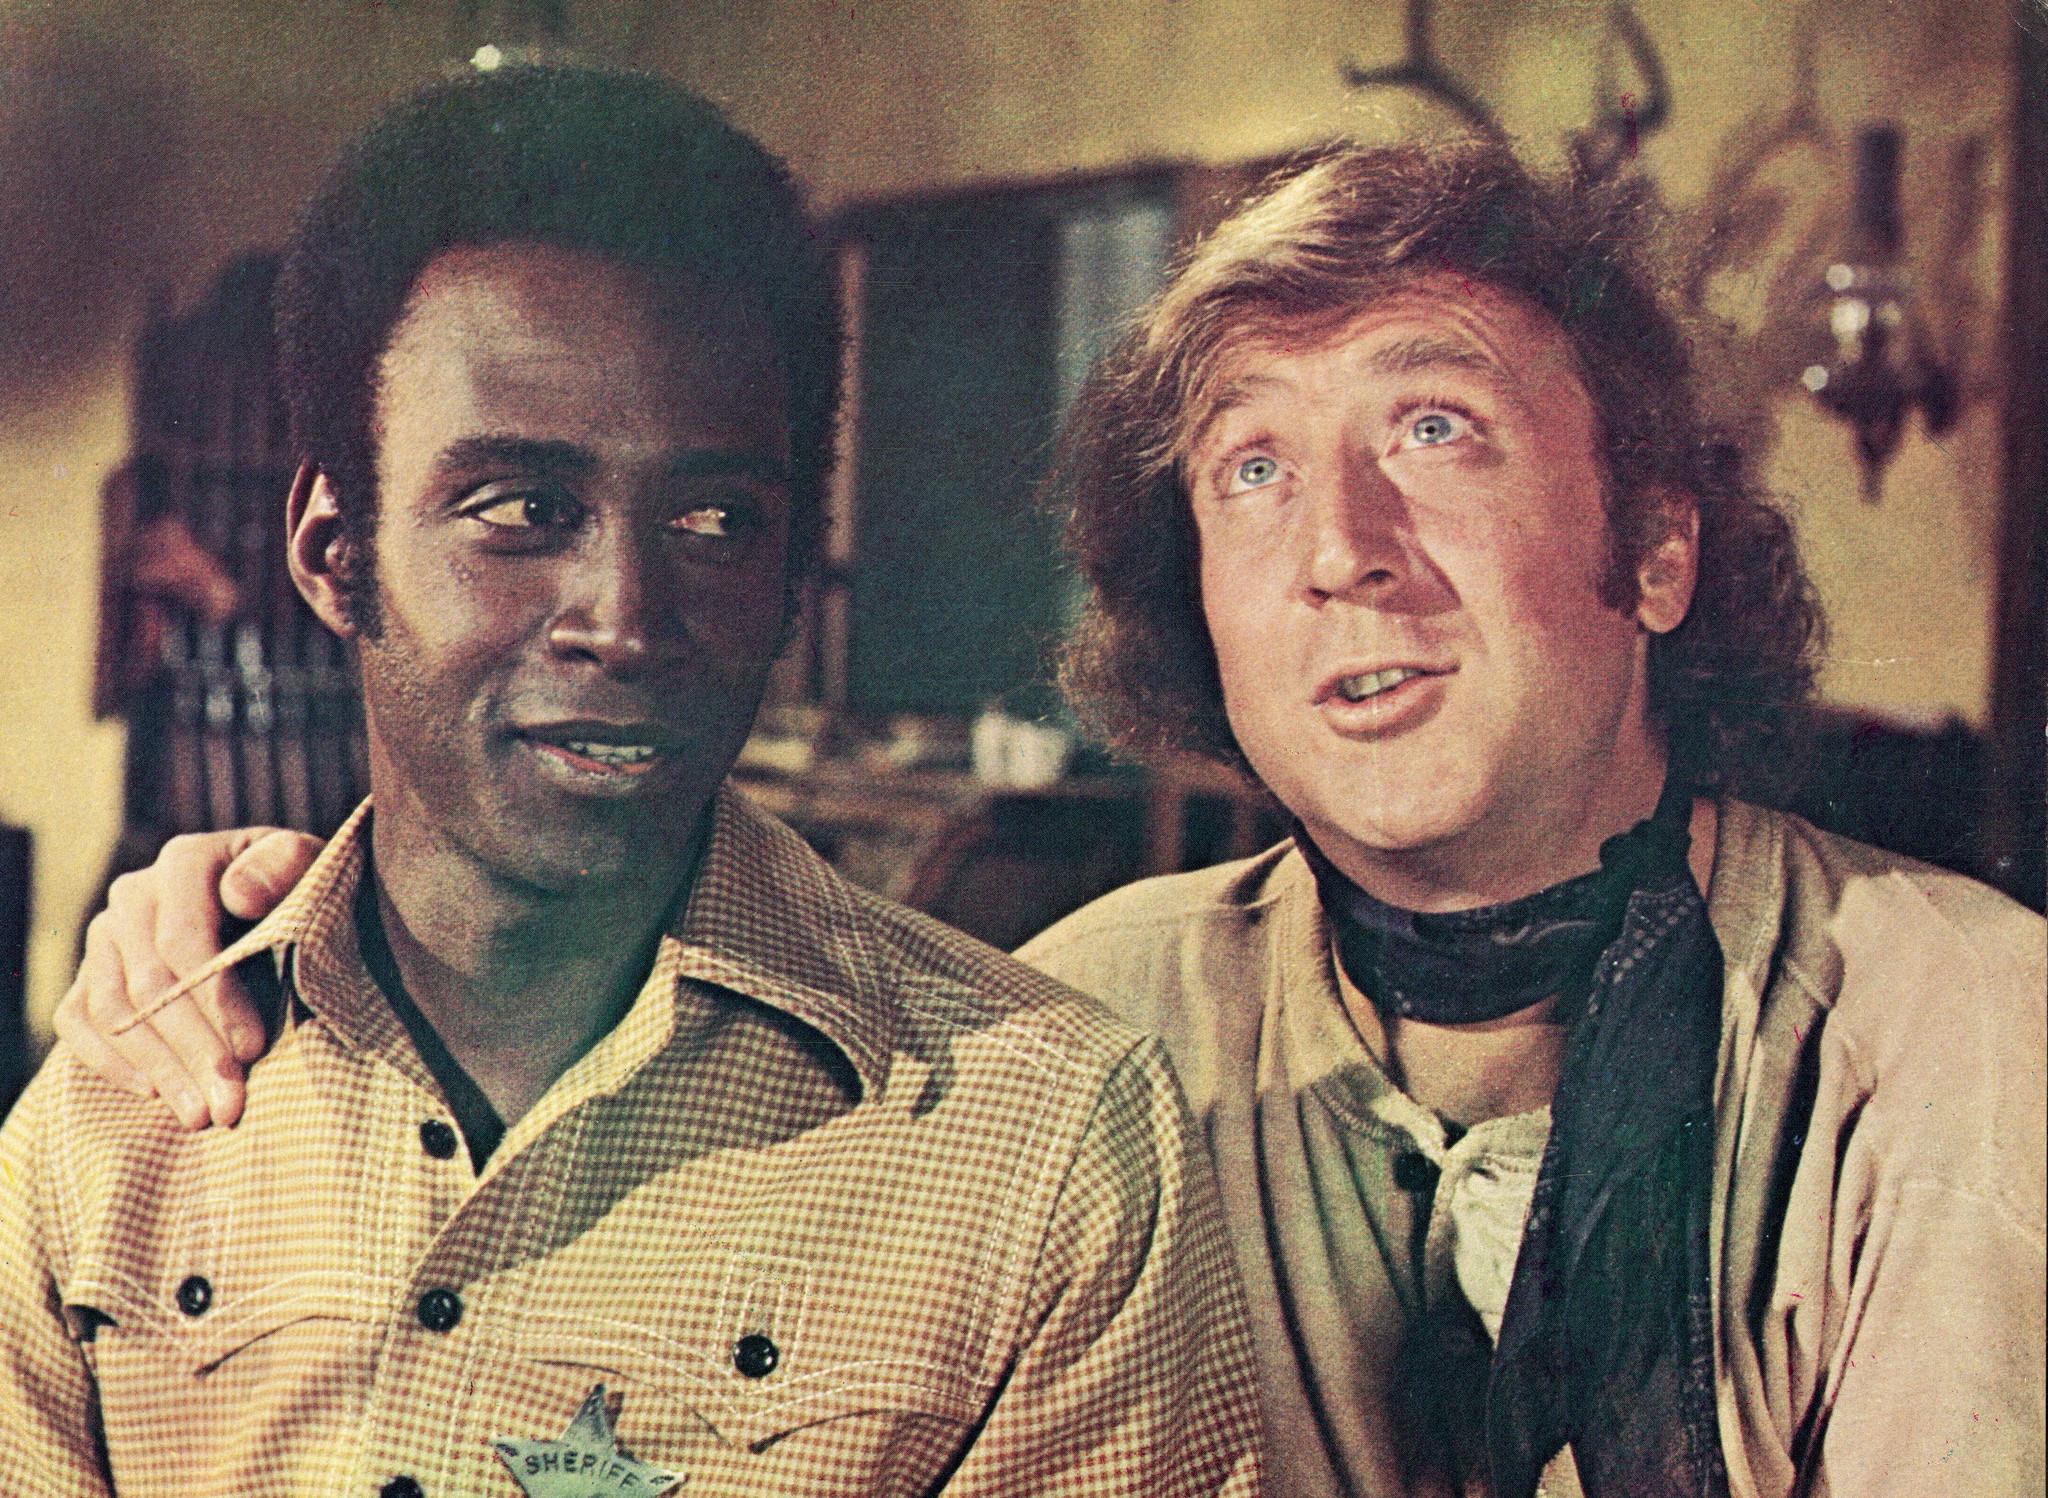 Gene Wilder and Cleavon Little in Blazing Saddles (1974)